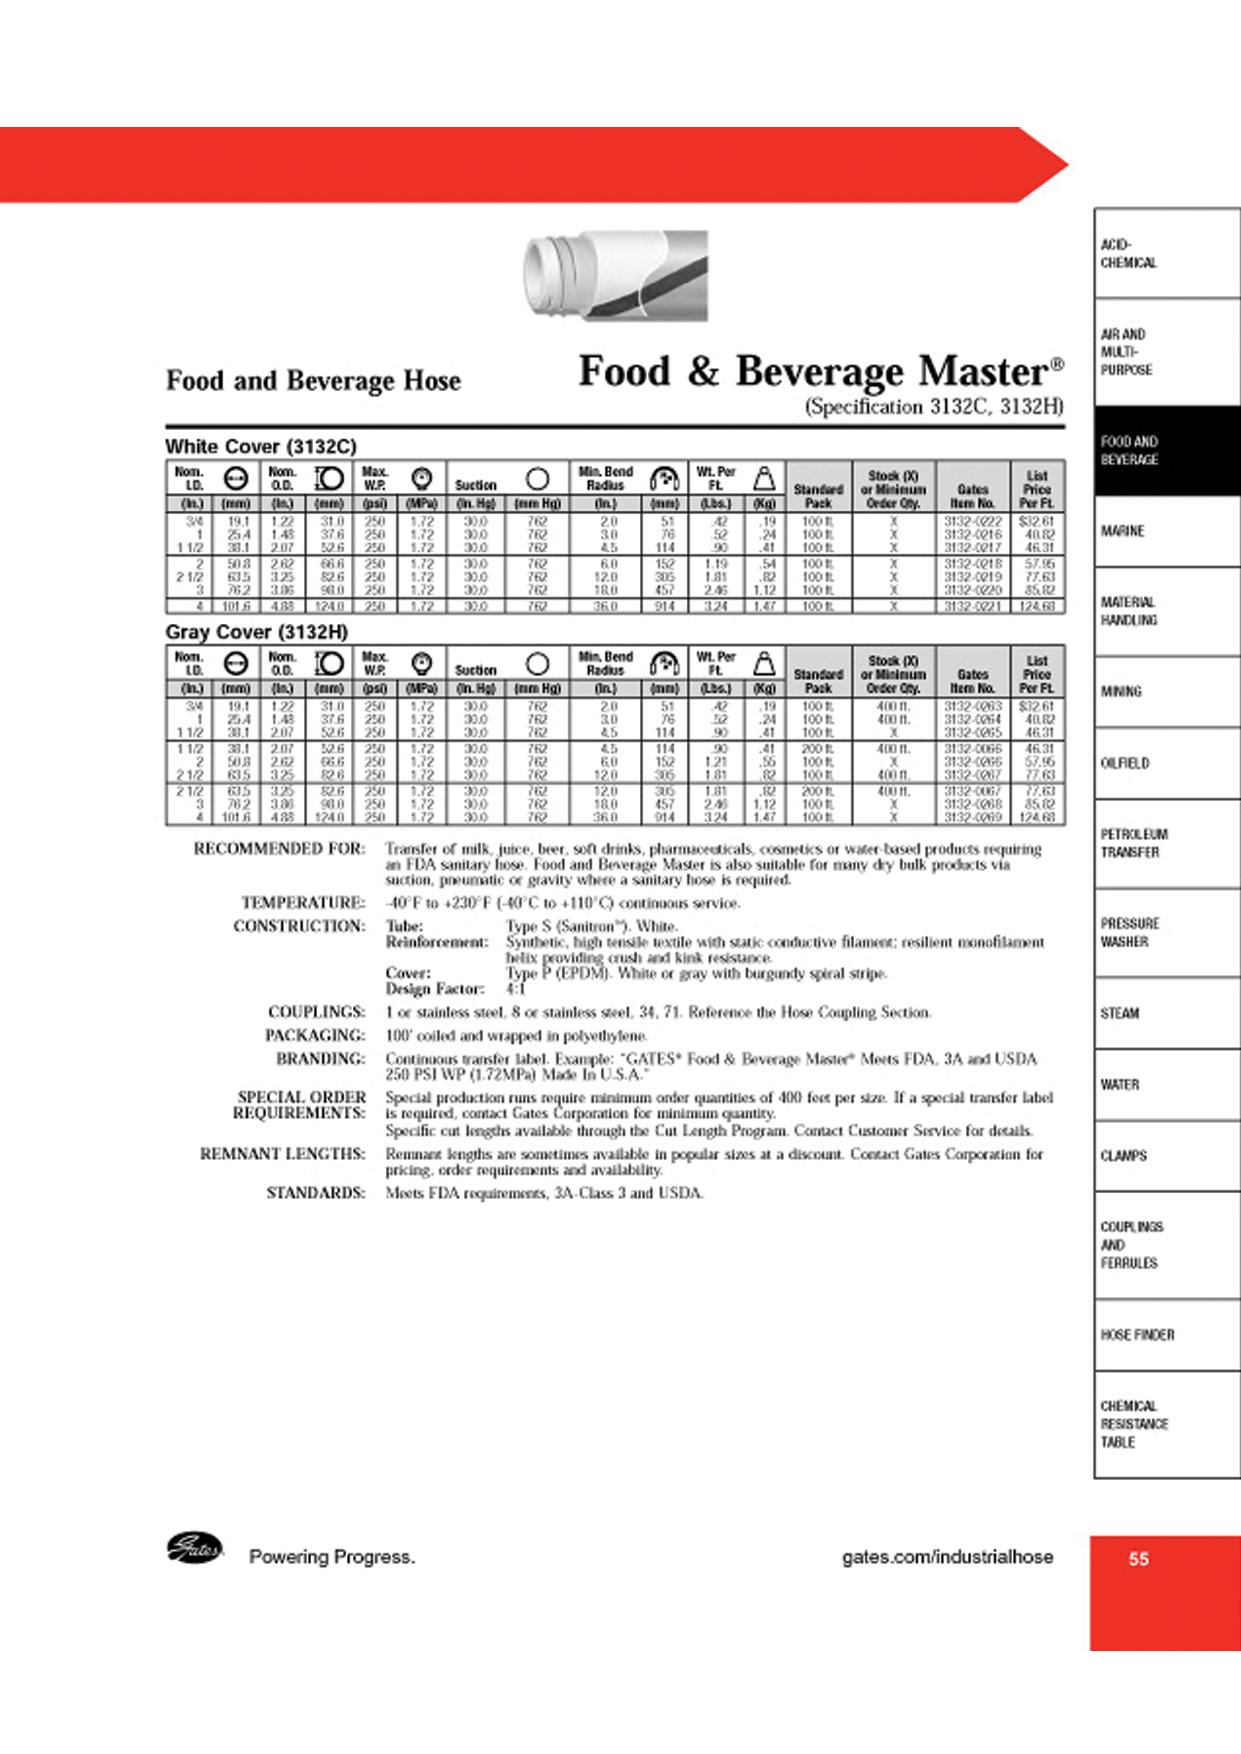 Food & Beverage Hose